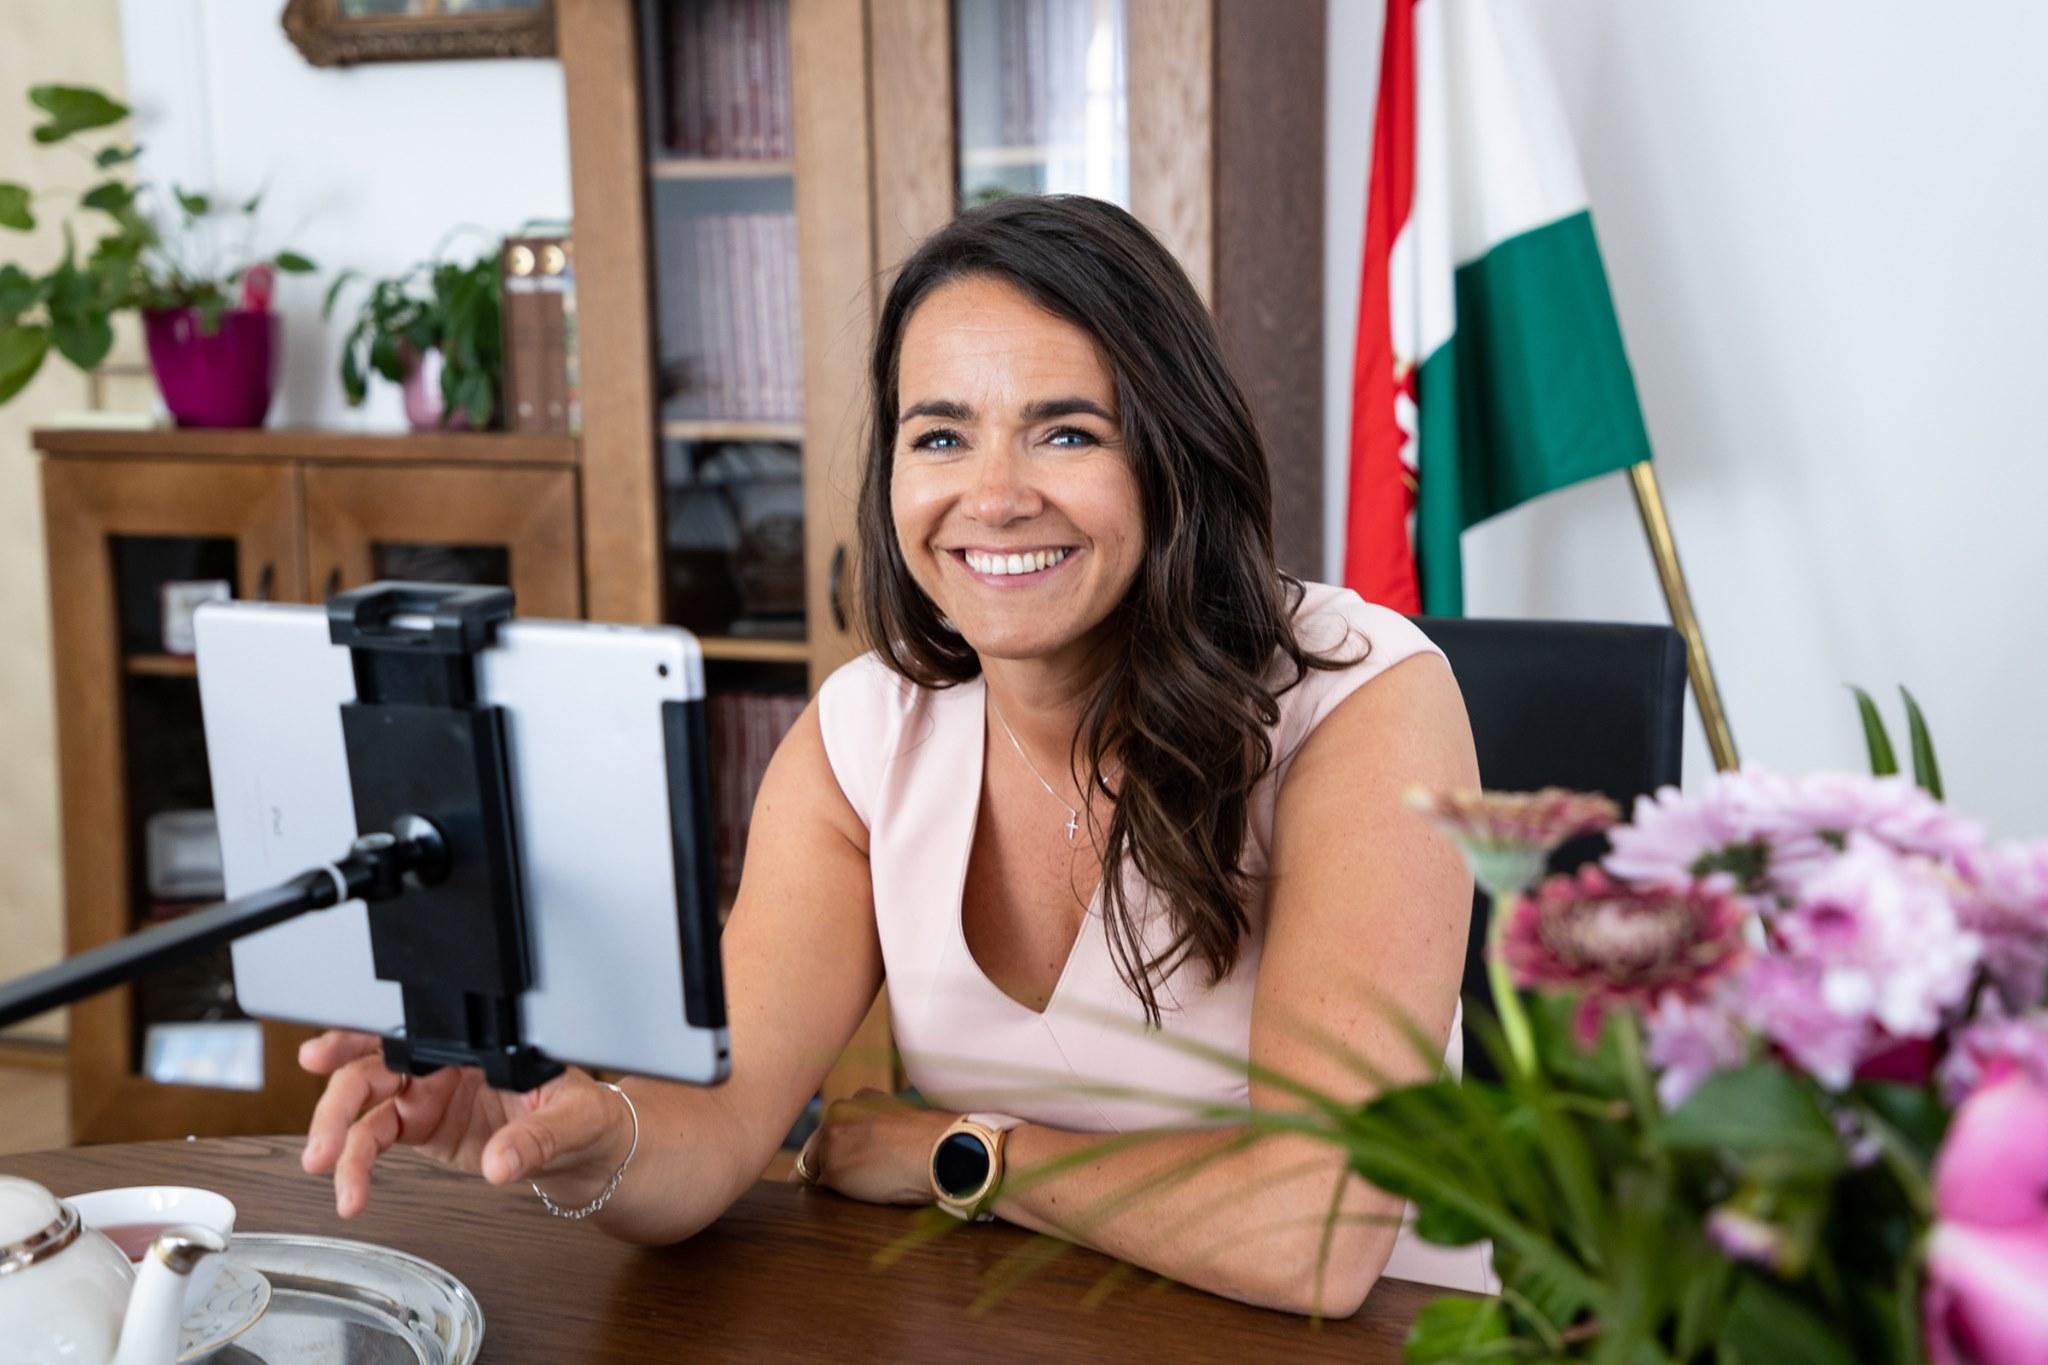 Katalin Novák: Staatliche Regelung erleichtert Hypotheken von 30 000 Familien